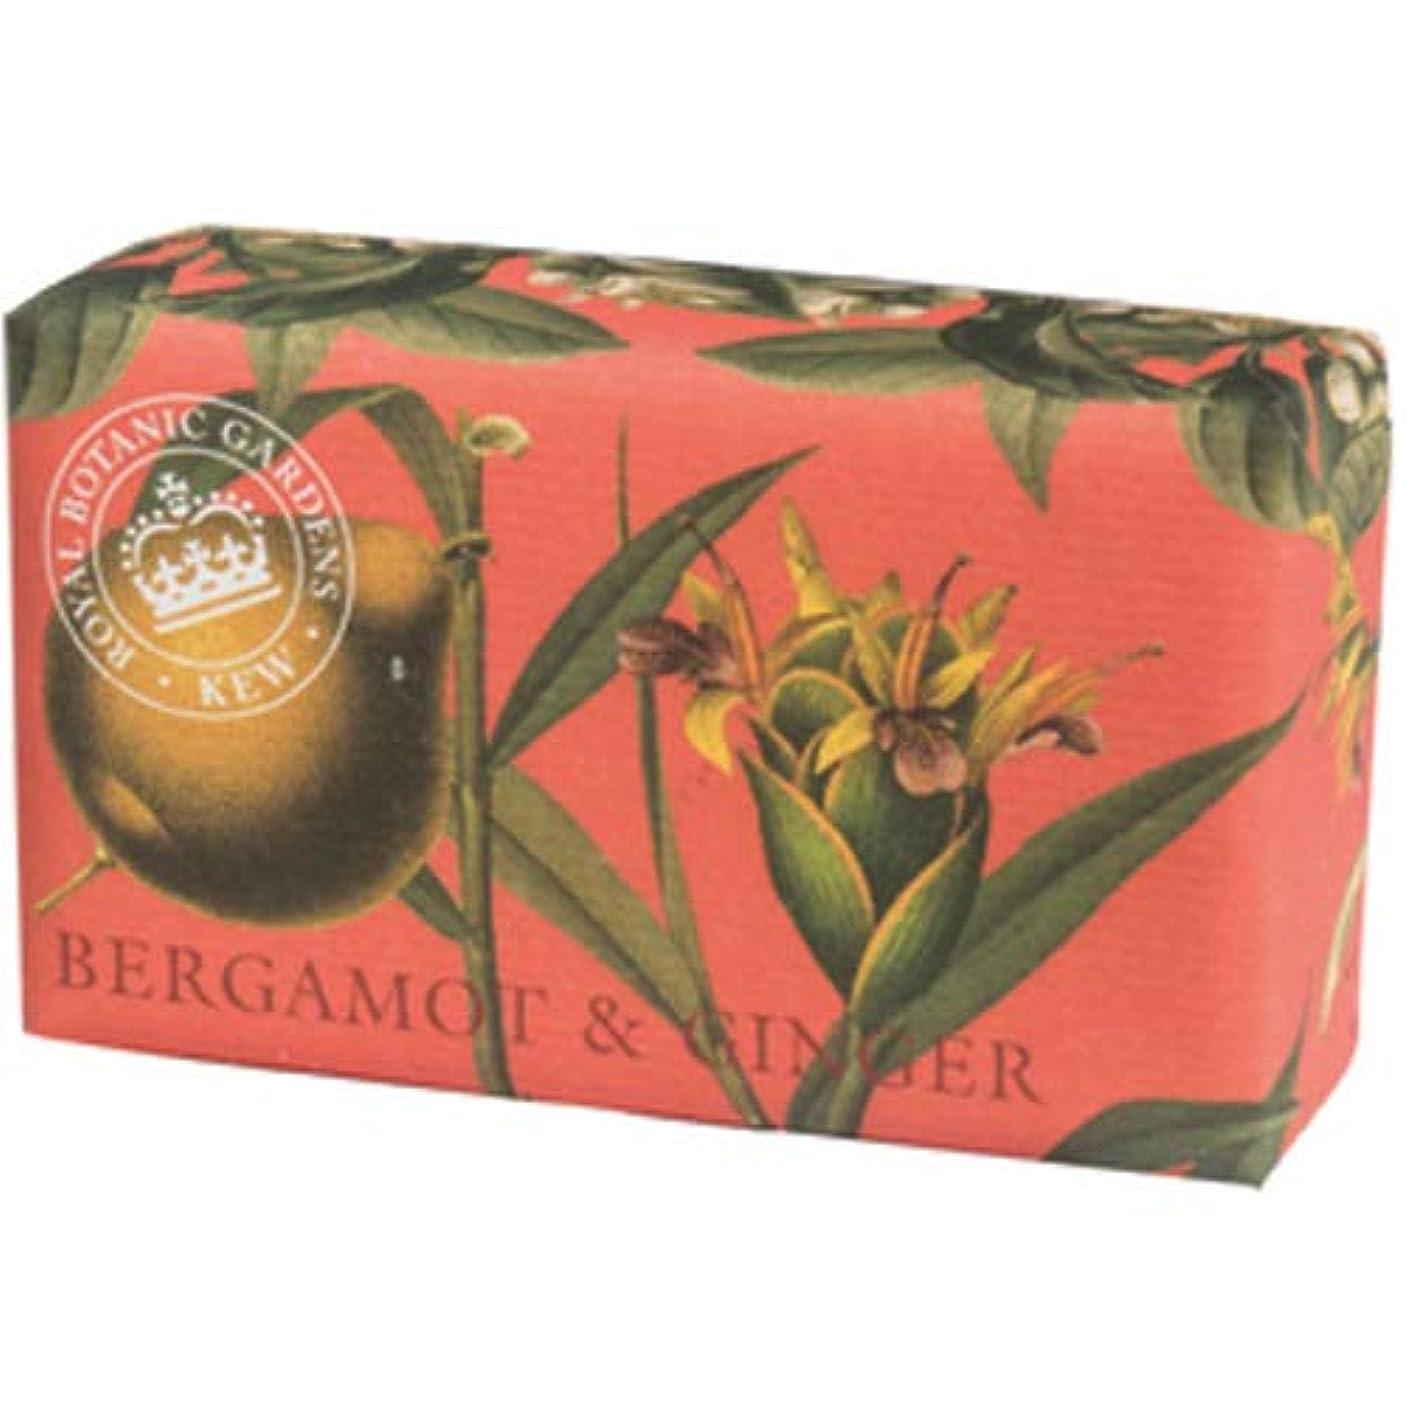 English Soap Company イングリッシュソープカンパニー KEW GARDEN キュー?ガーデン Luxury Shea Soaps シアソープ Bergamot & Ginger ベルガモット&ジンジャー